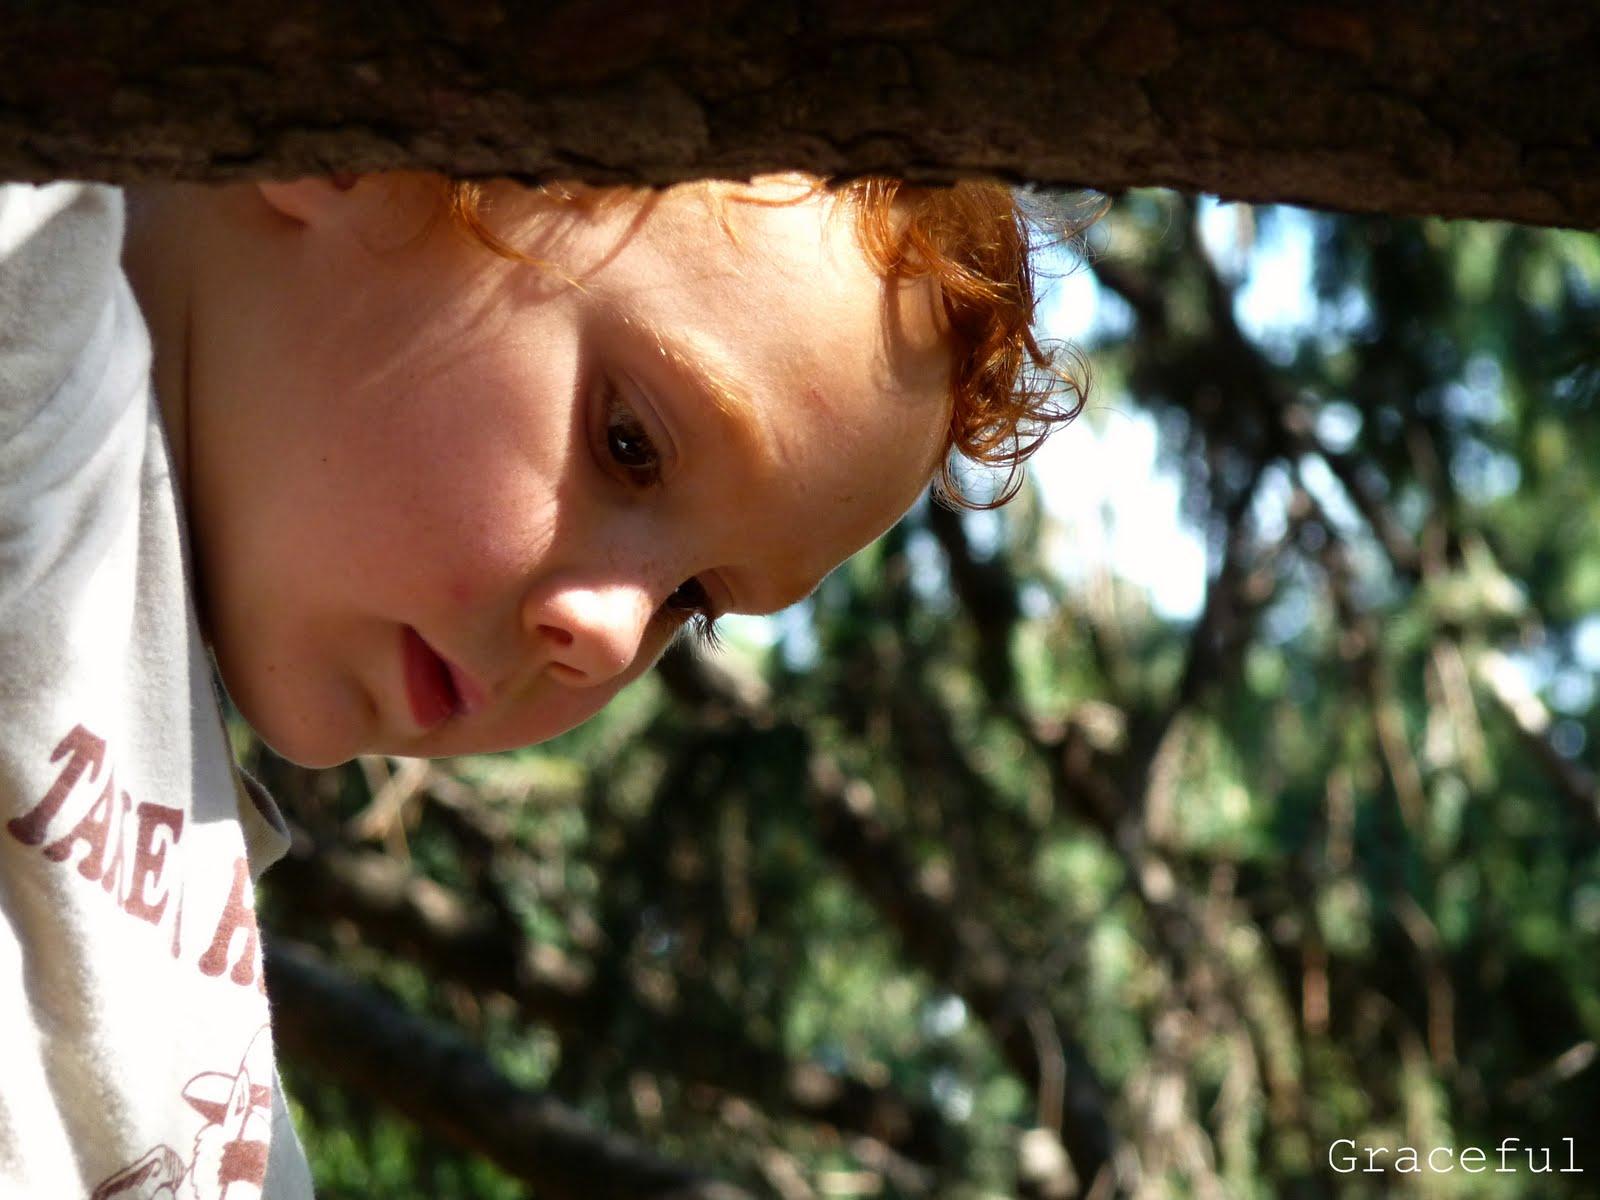 http://3.bp.blogspot.com/_spXlDIKgO5s/TGg1cfLDfOI/AAAAAAAABdk/povEHUAopcU/s1600/rowantree.jpg